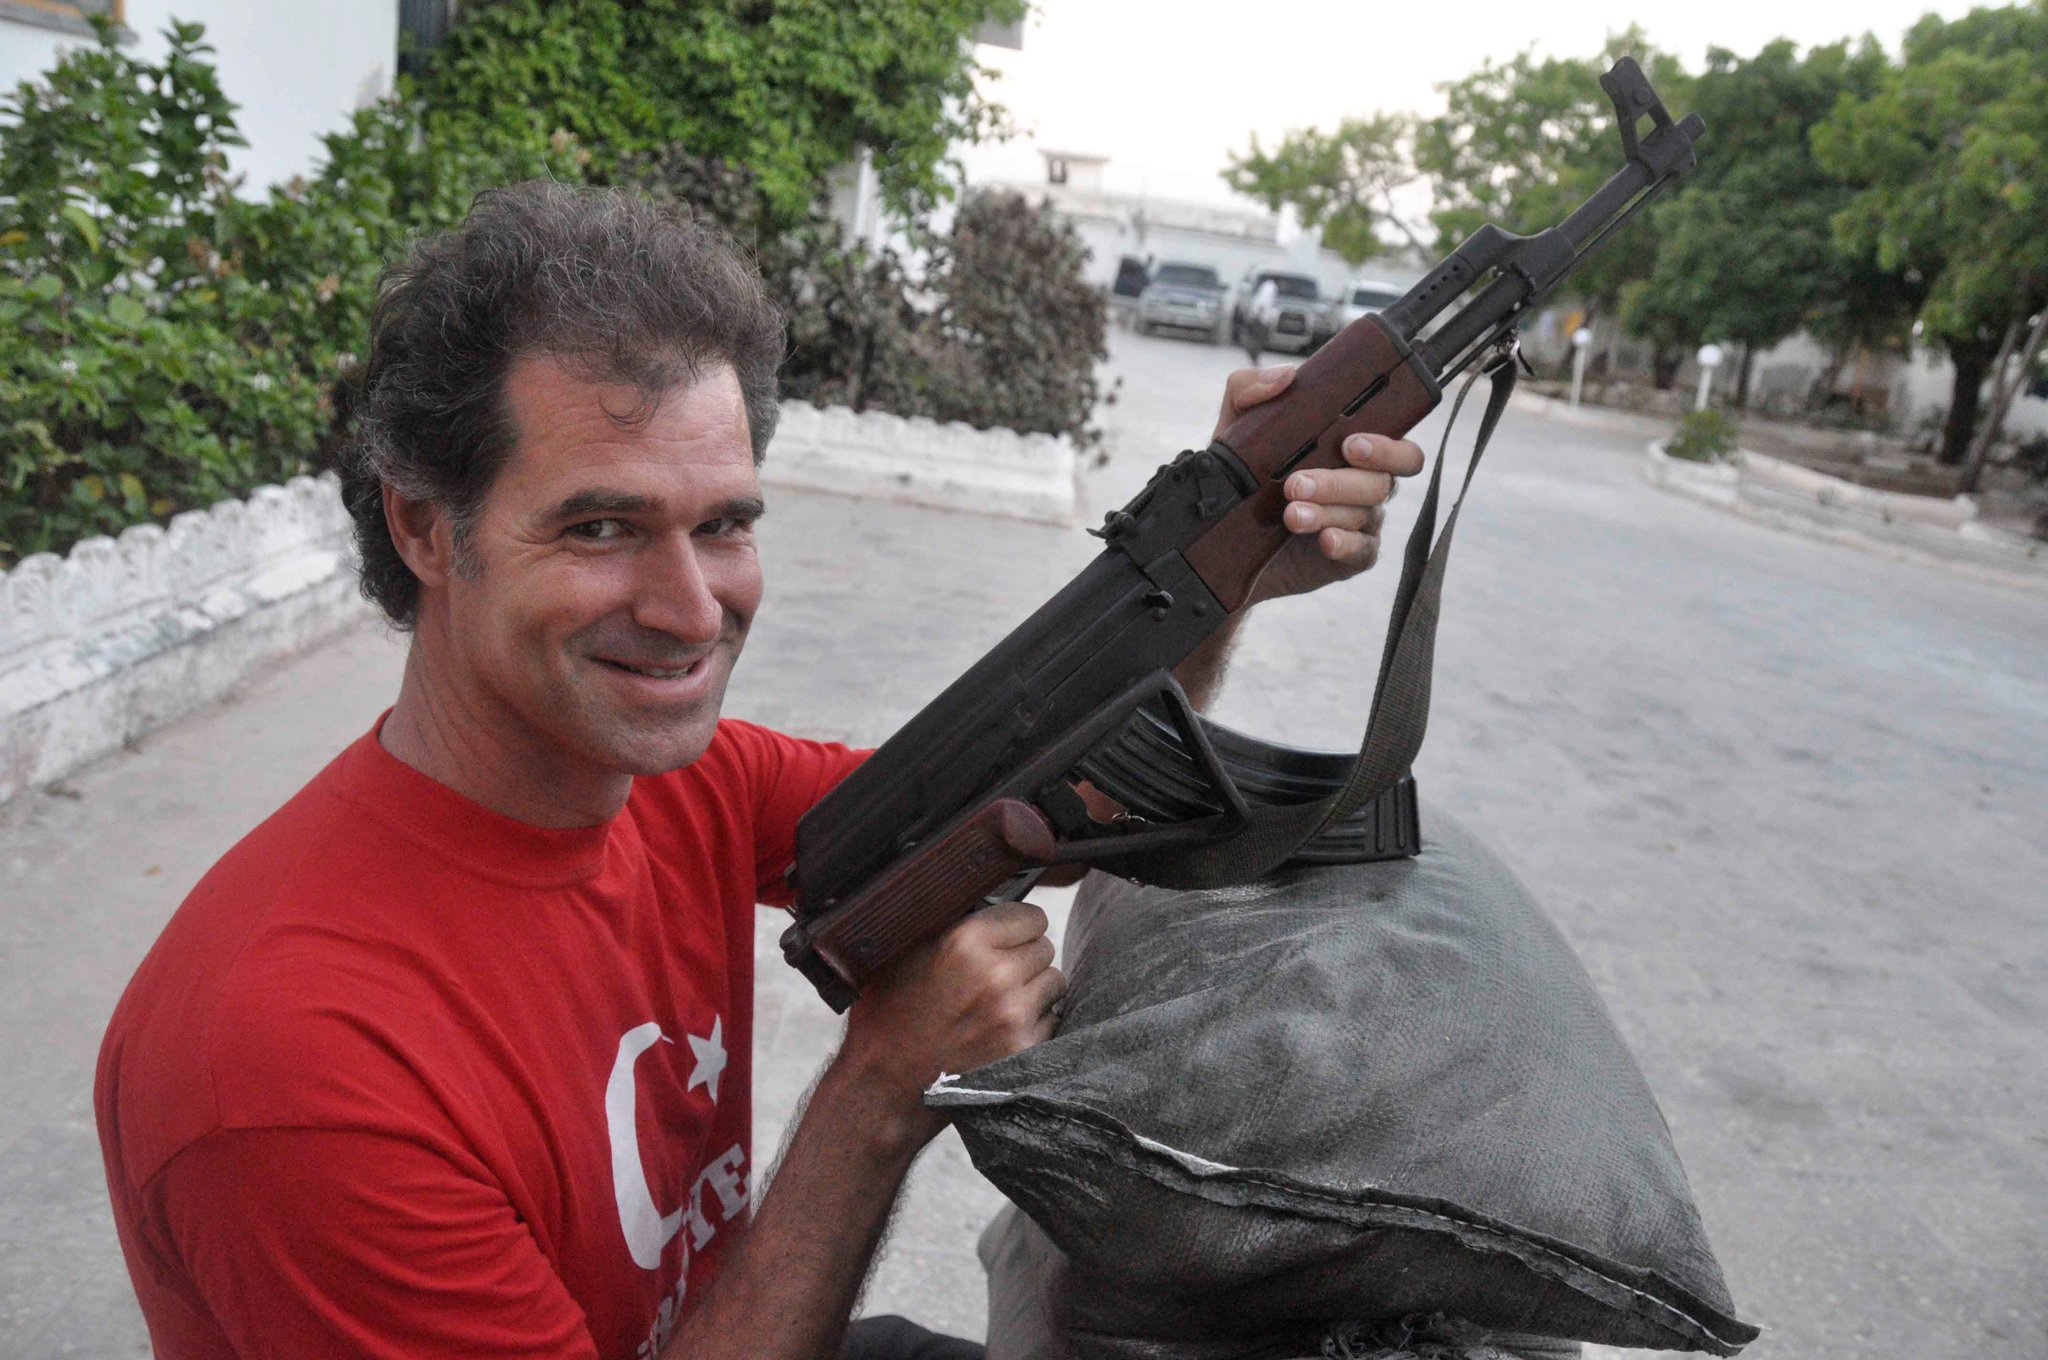 Mike Spencer Bown, una leyenda en zona de guerra – Entrevista viajera